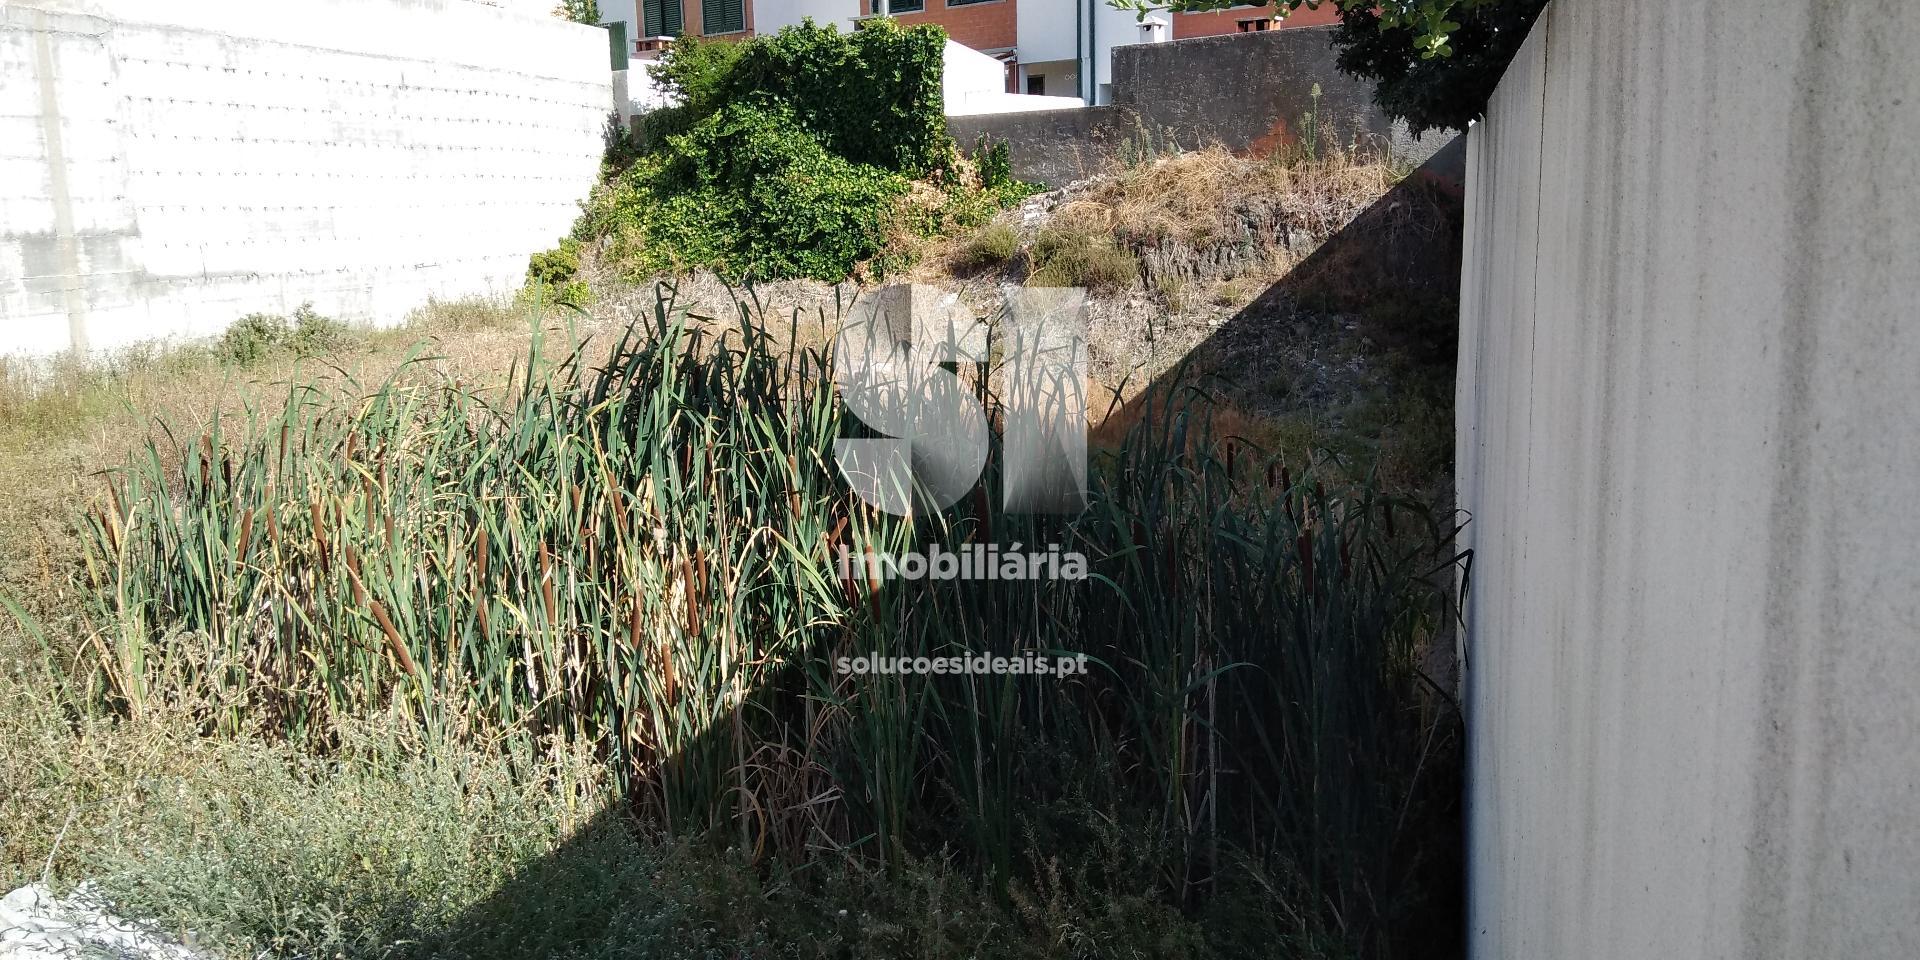 terreno para compra em castelo branco castelo branco castelo branco CBZFI277